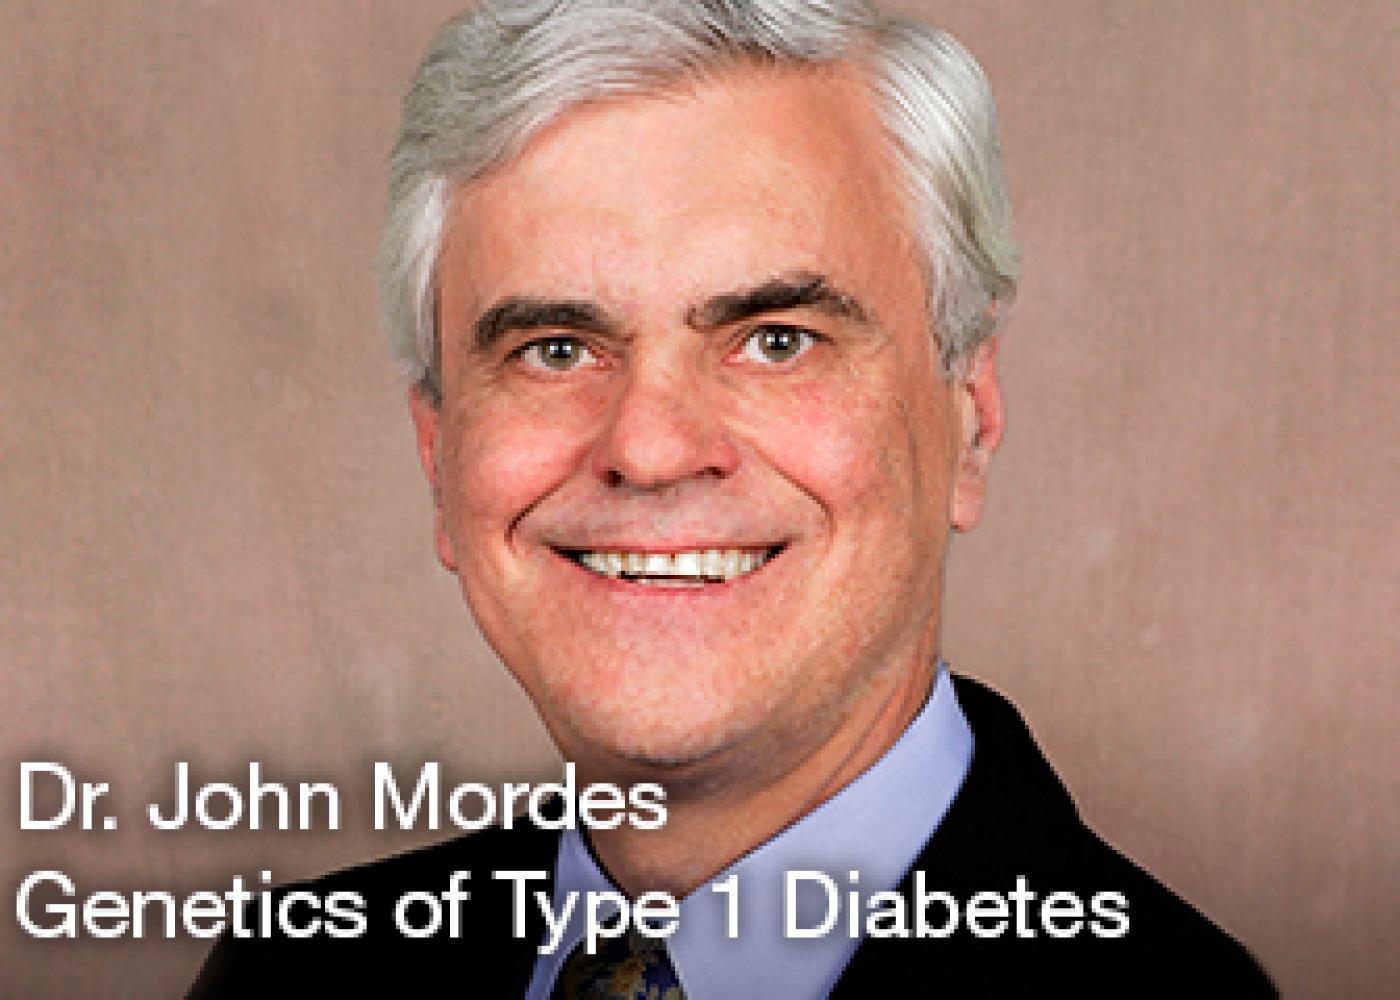 John Mordes headshot